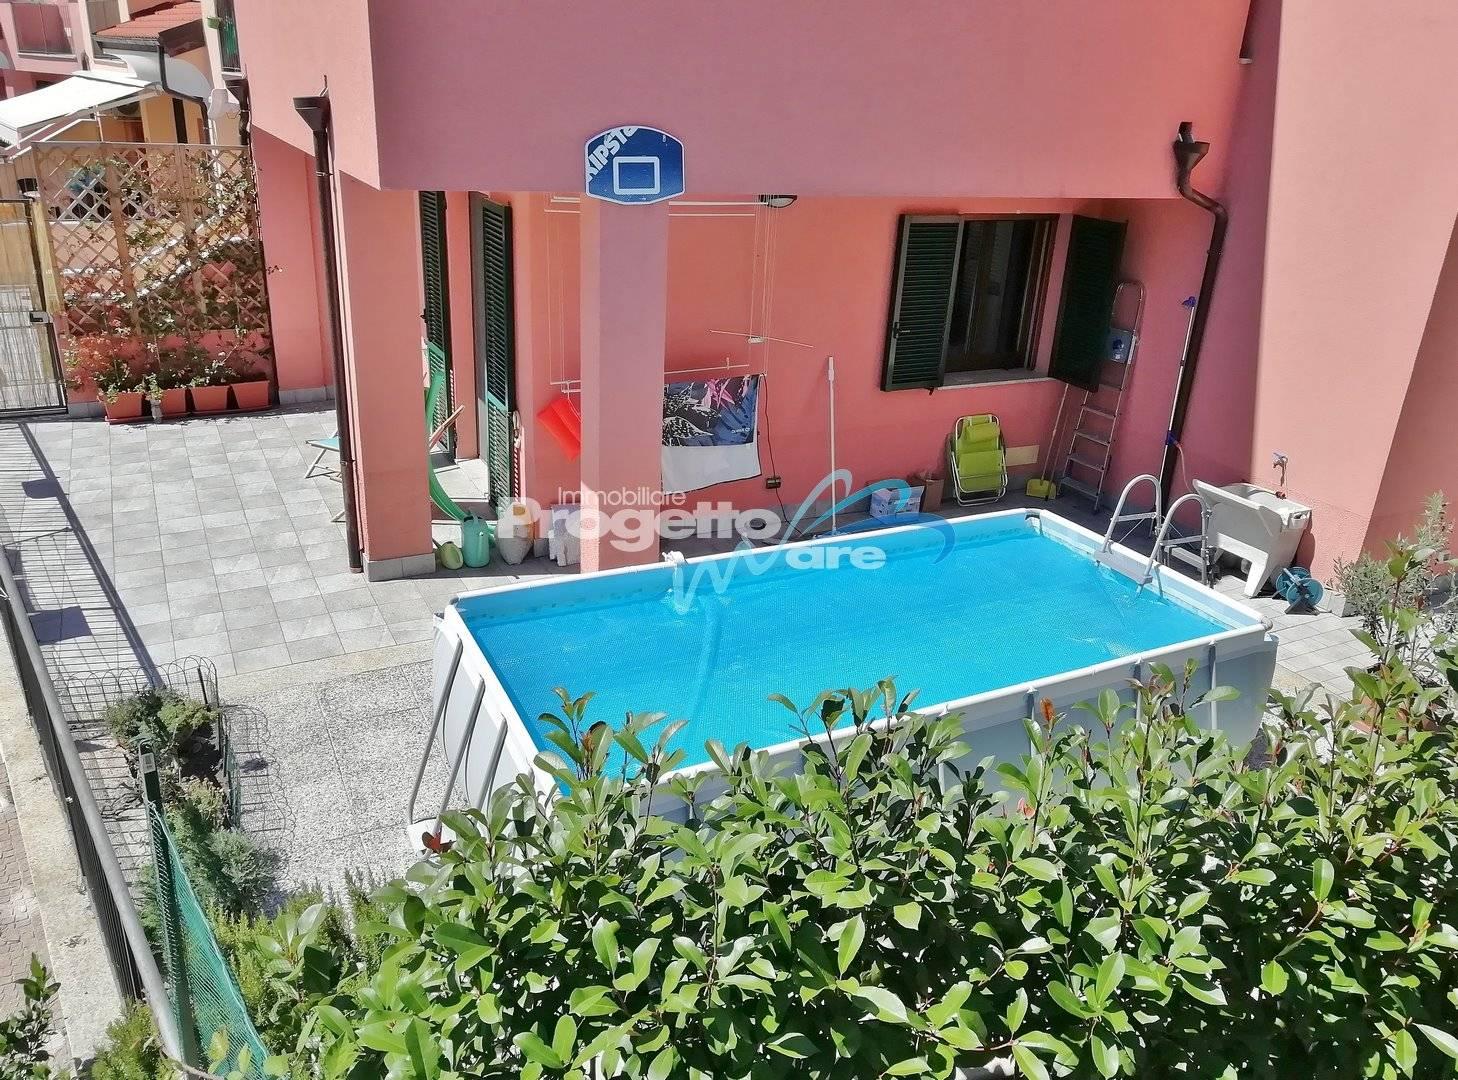 Appartamento in vendita a Giustenice, 4 locali, prezzo € 255.000   PortaleAgenzieImmobiliari.it